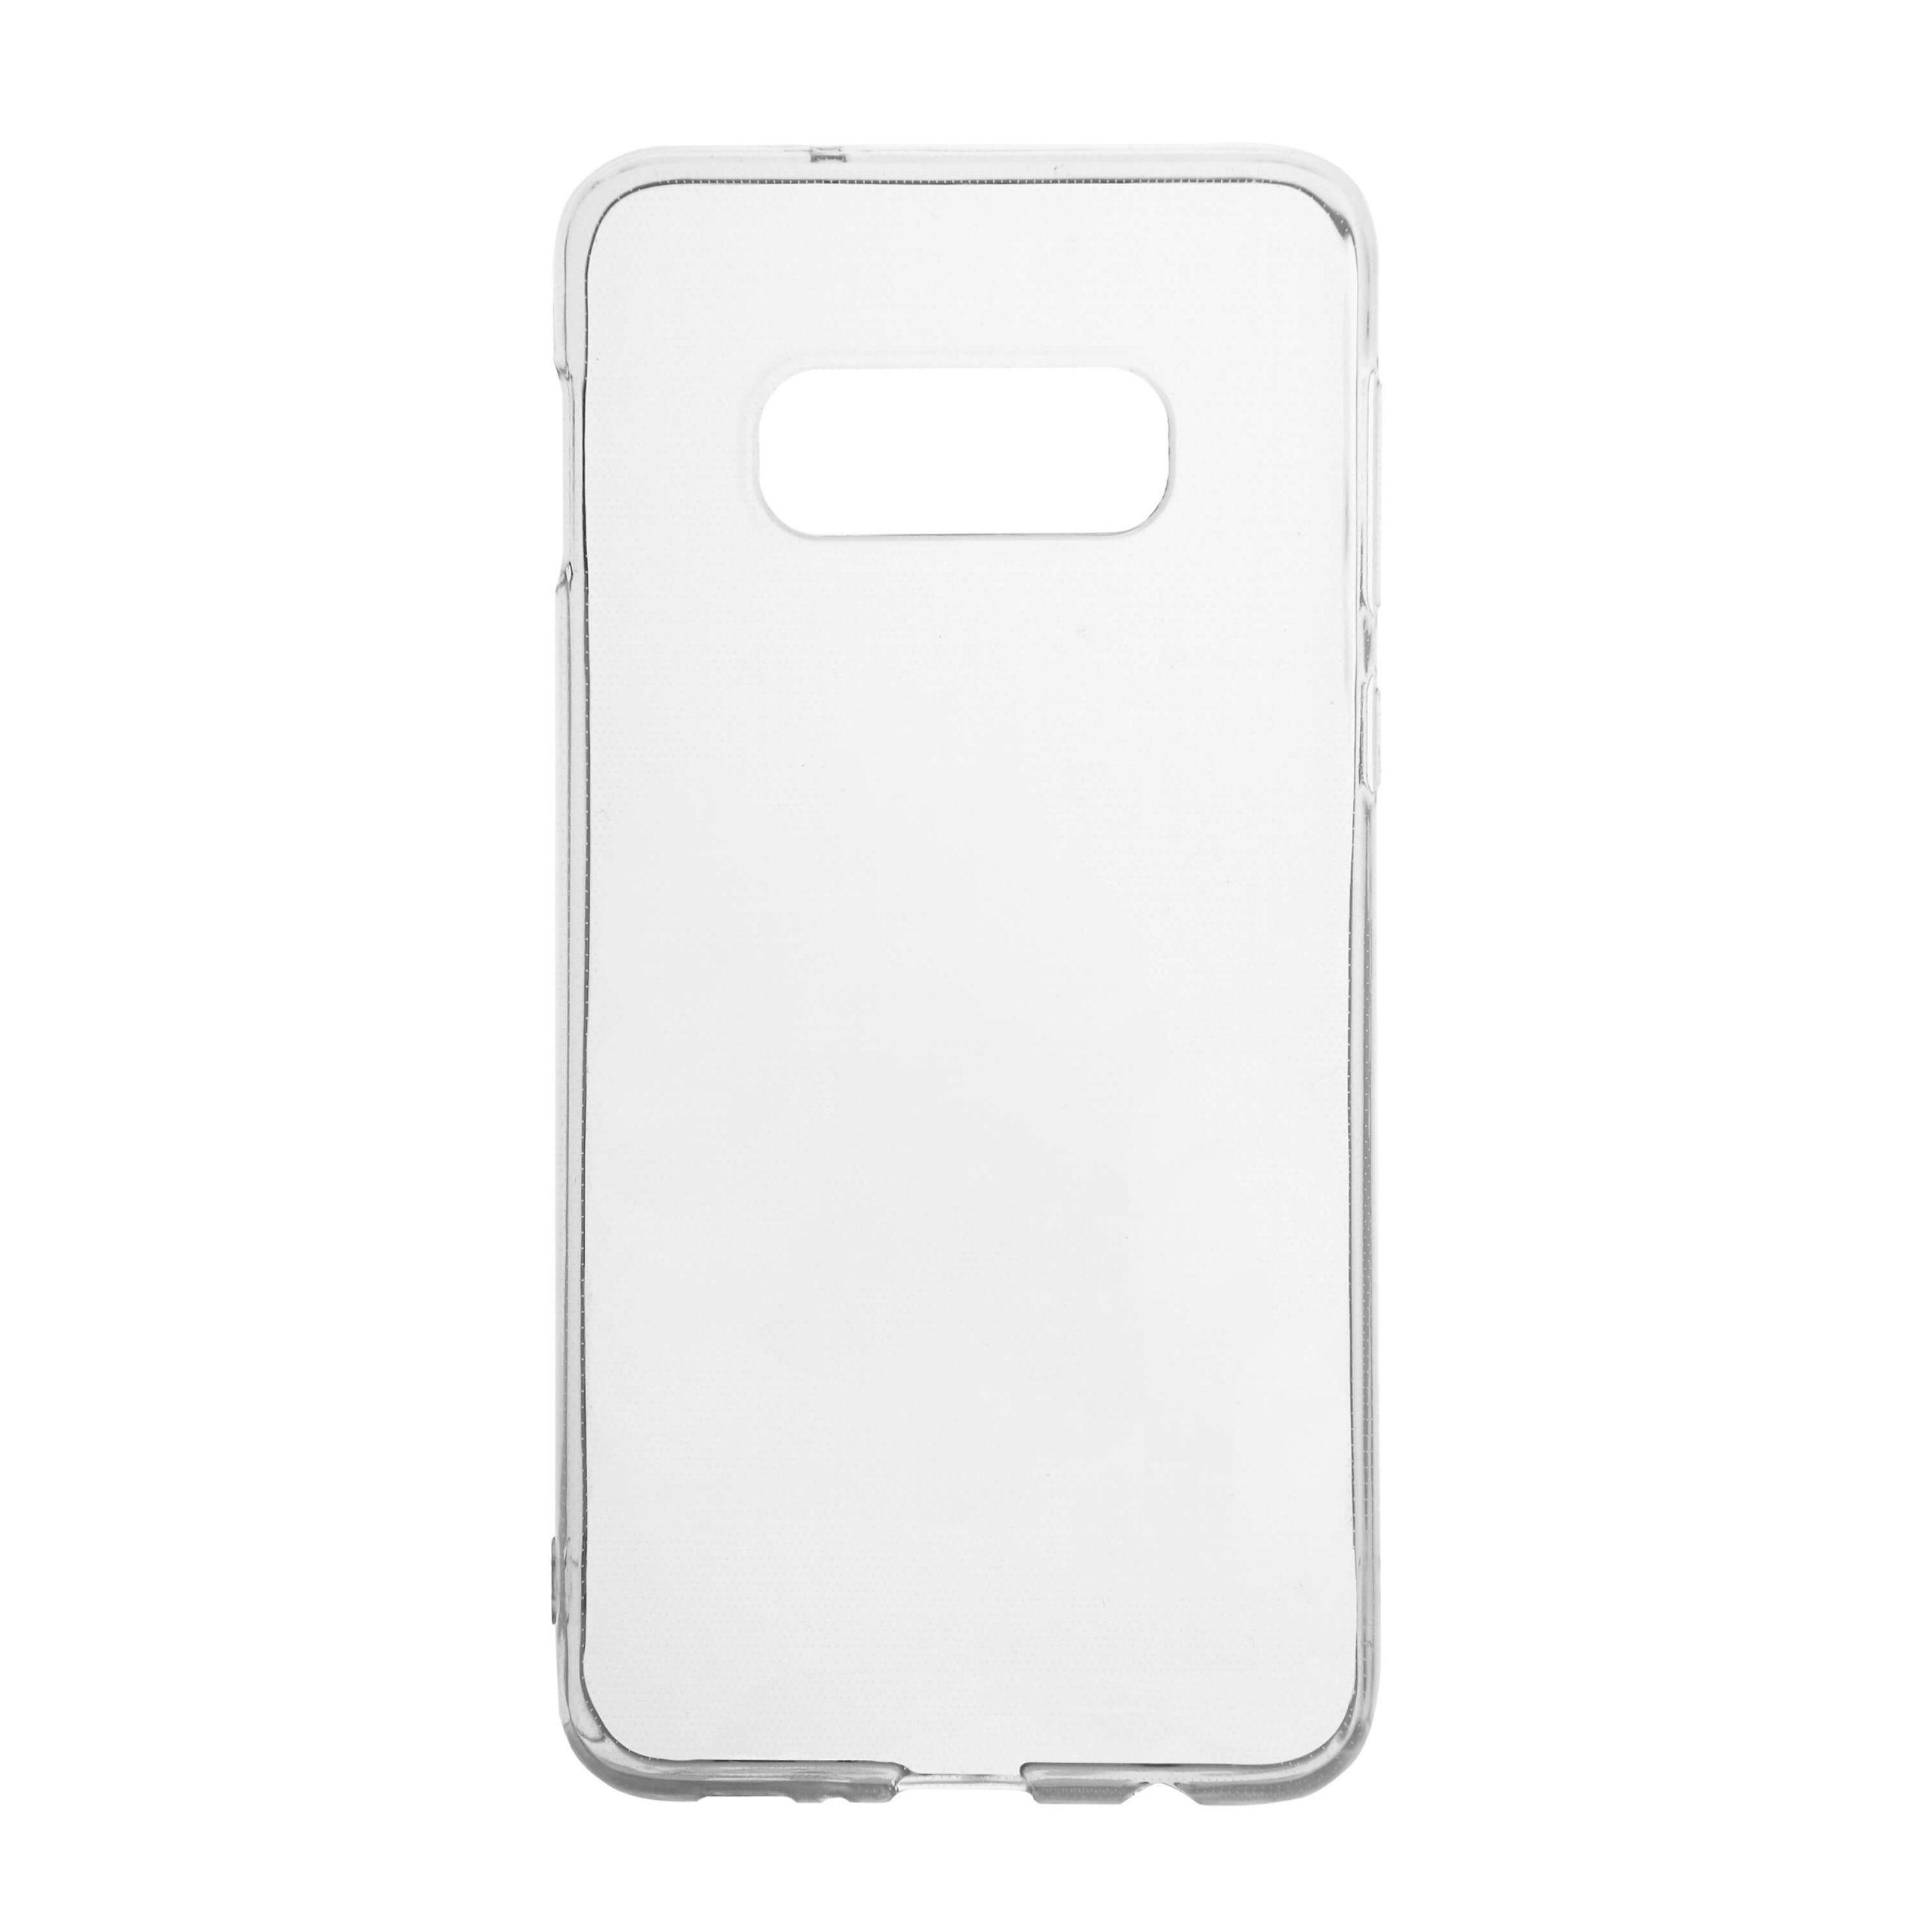 GEAR Mobilskal Transparent TPU Samsung S10e